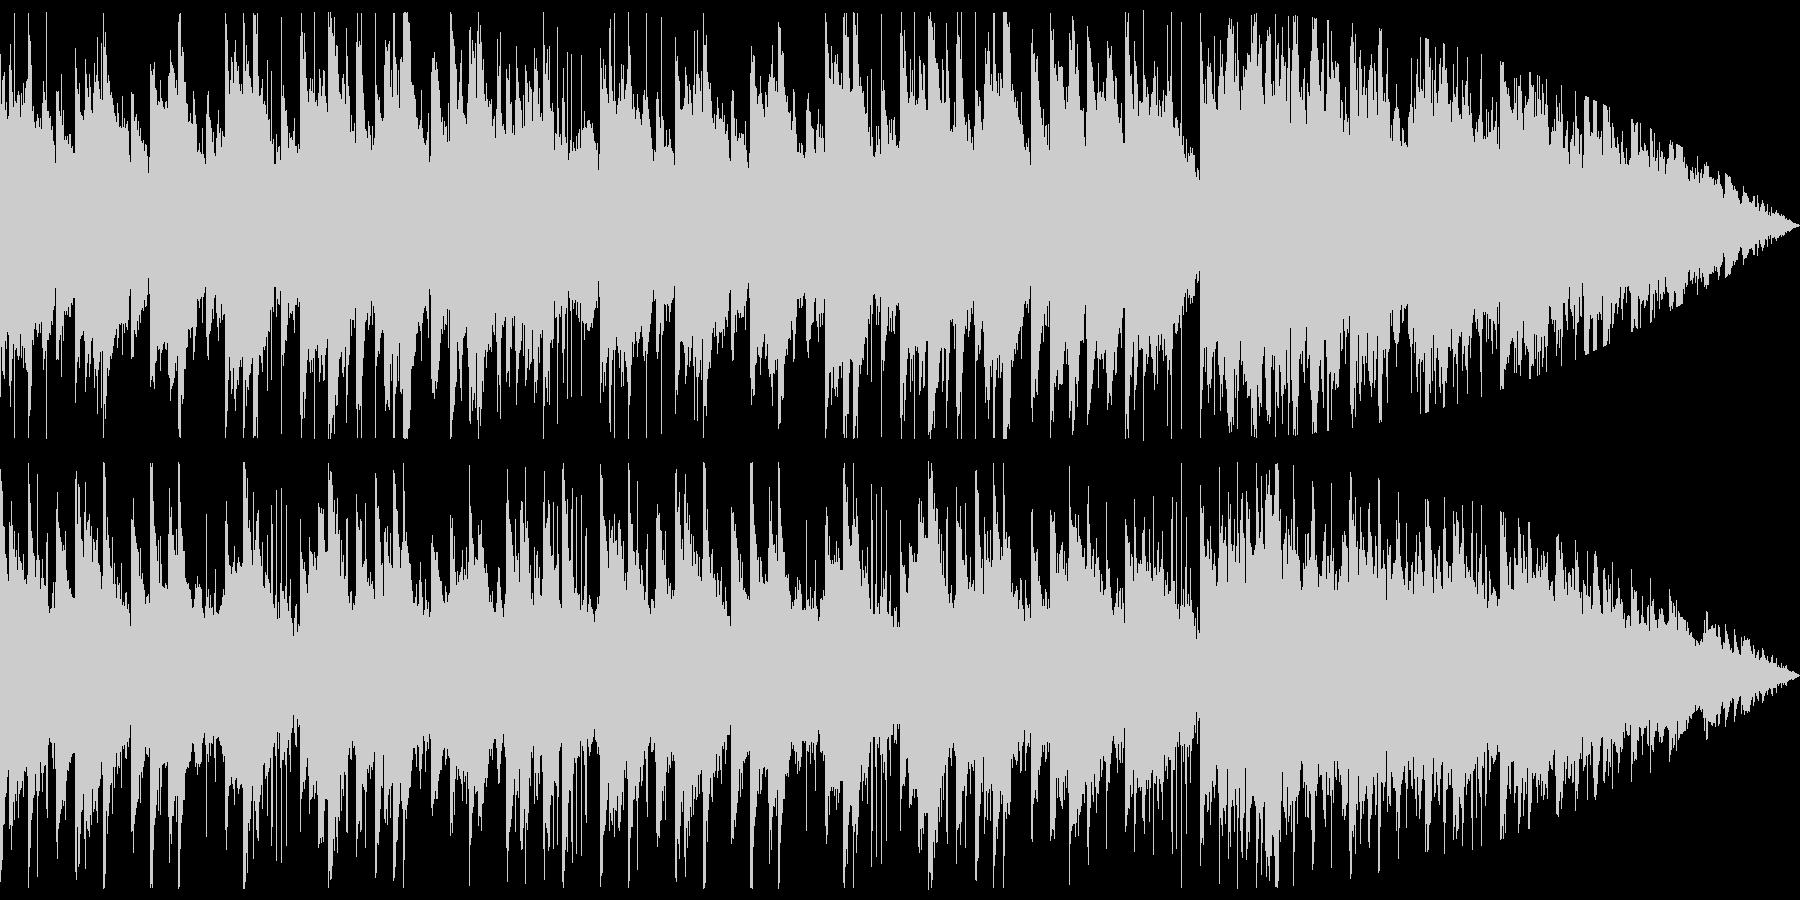 ピアノとストリングスがメインの悲しい曲の未再生の波形